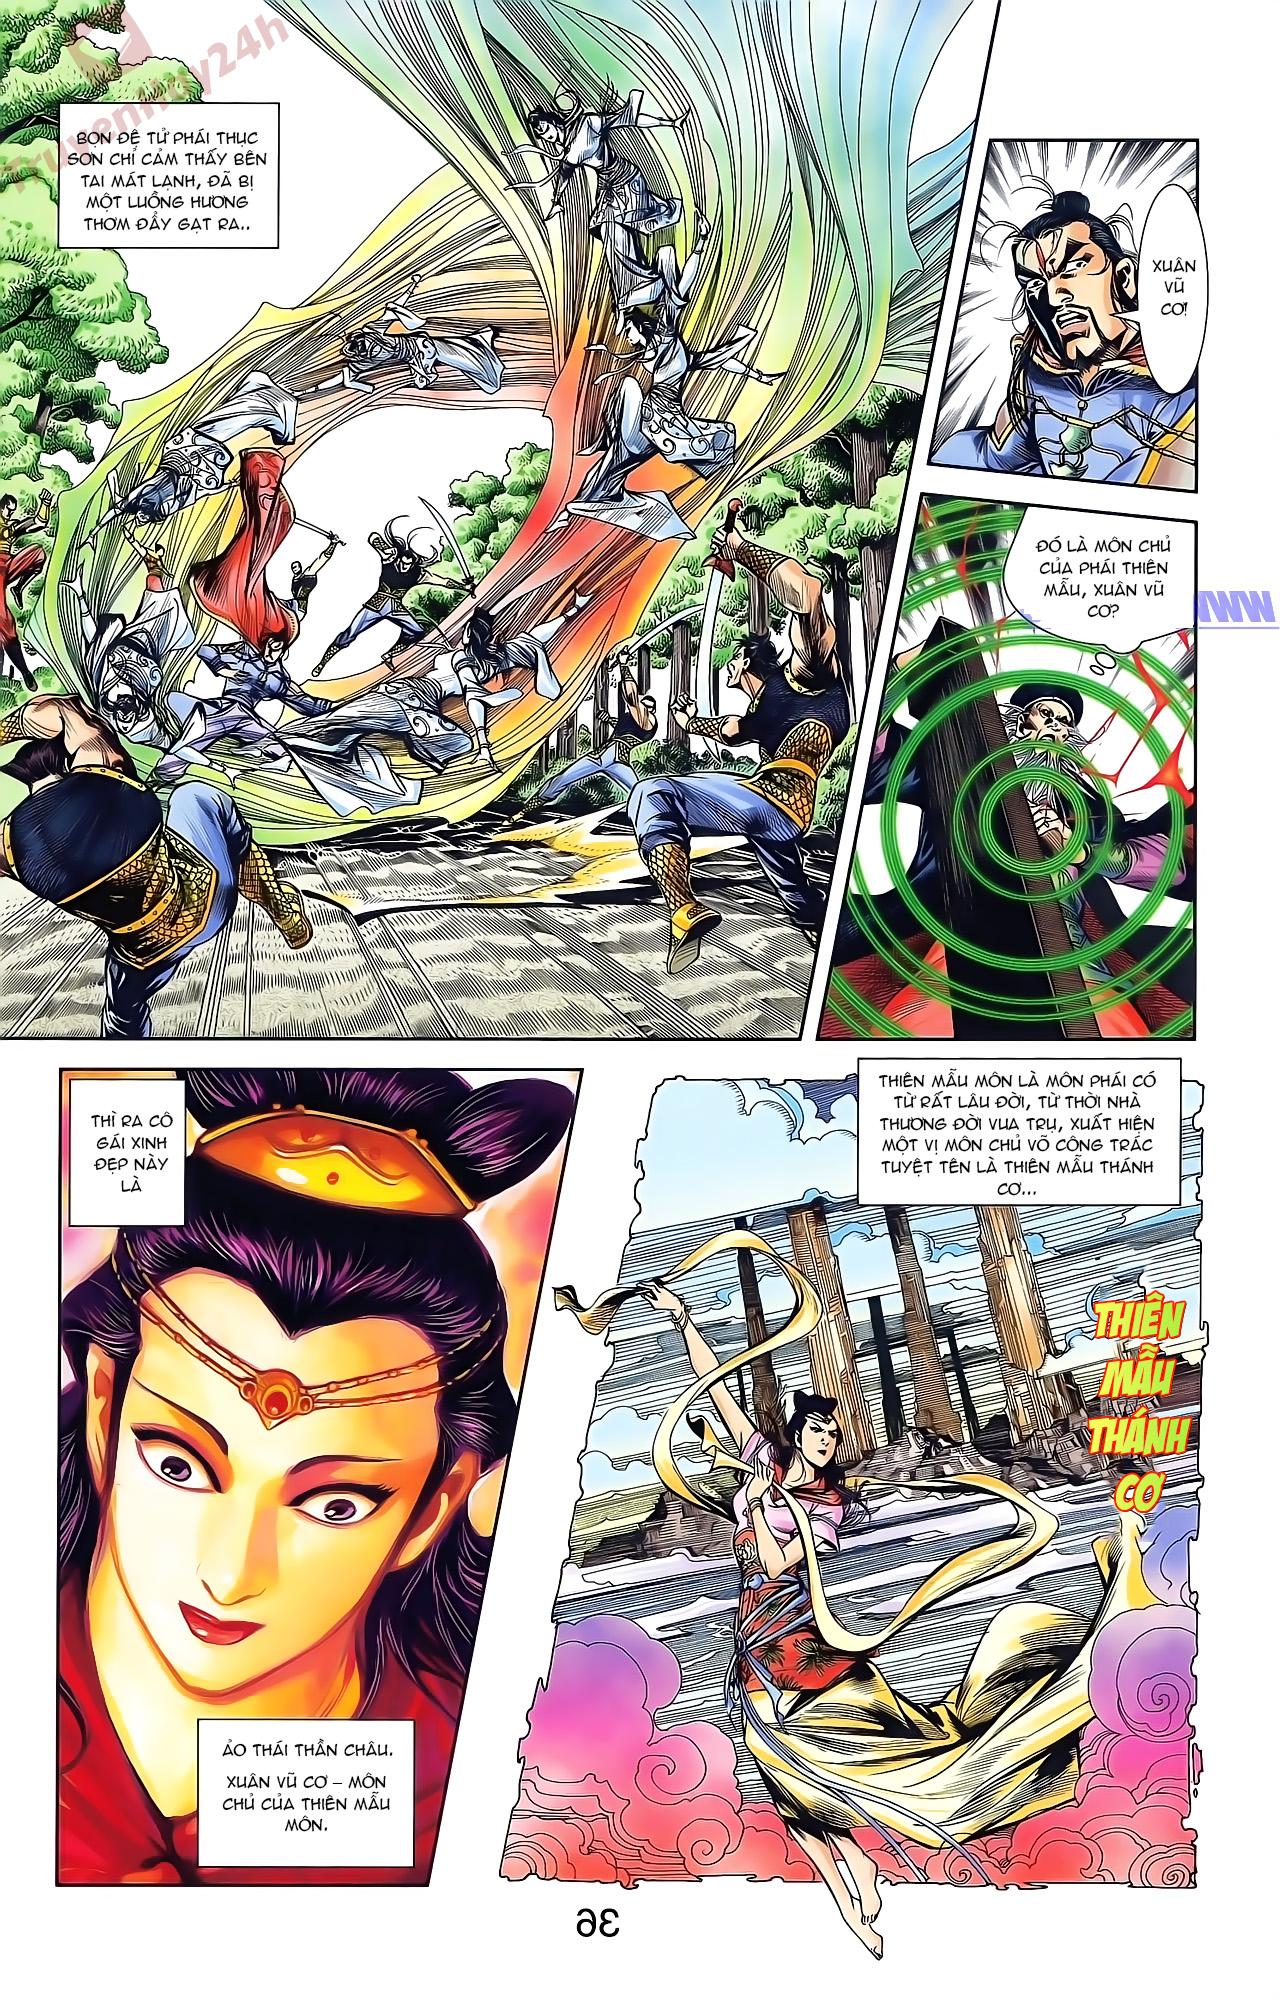 Tần Vương Doanh Chính chapter 46 trang 2